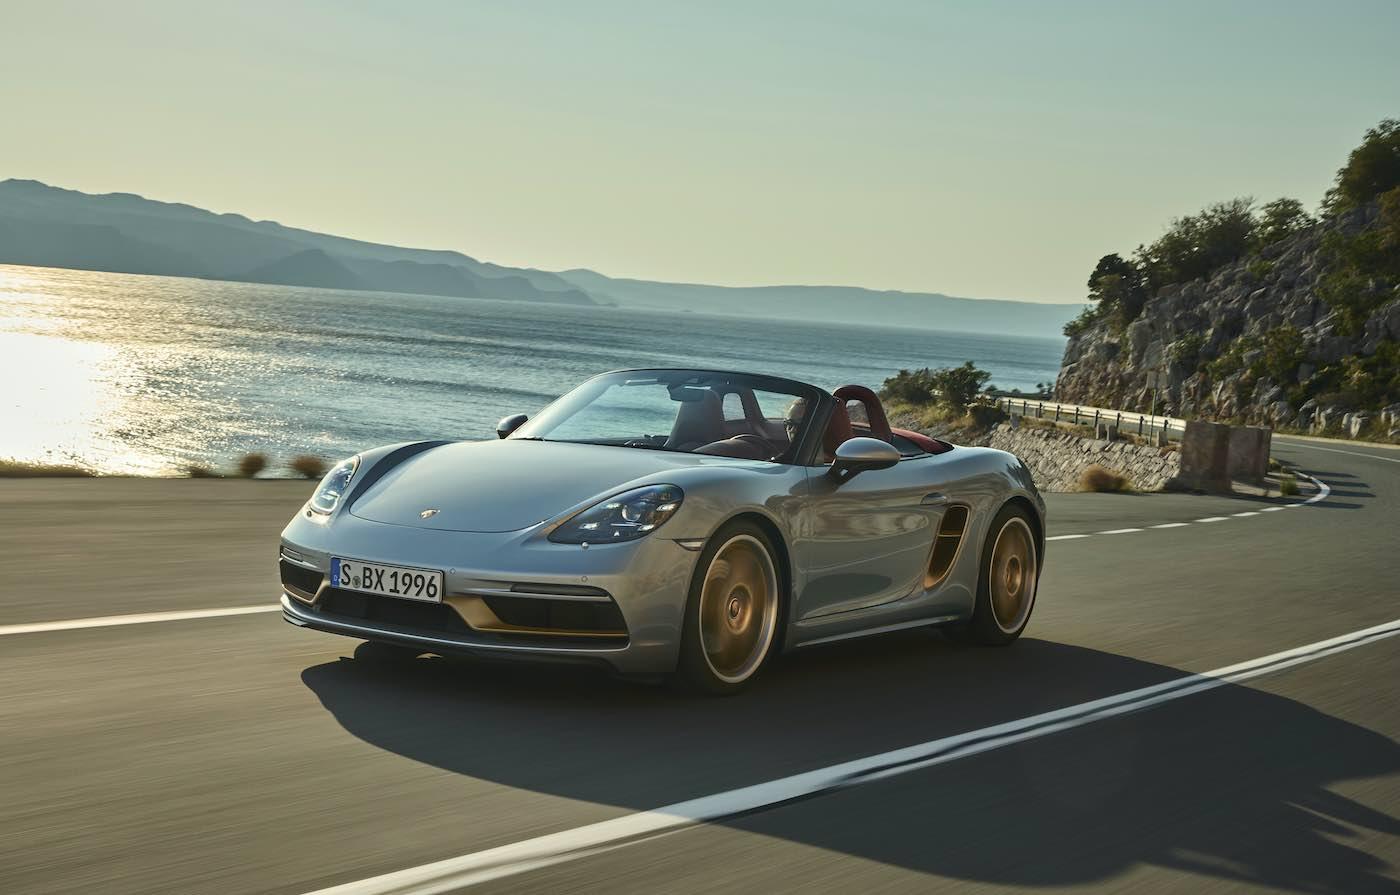 La nueva edición limitada Porsche Boxster 25º Aniversario